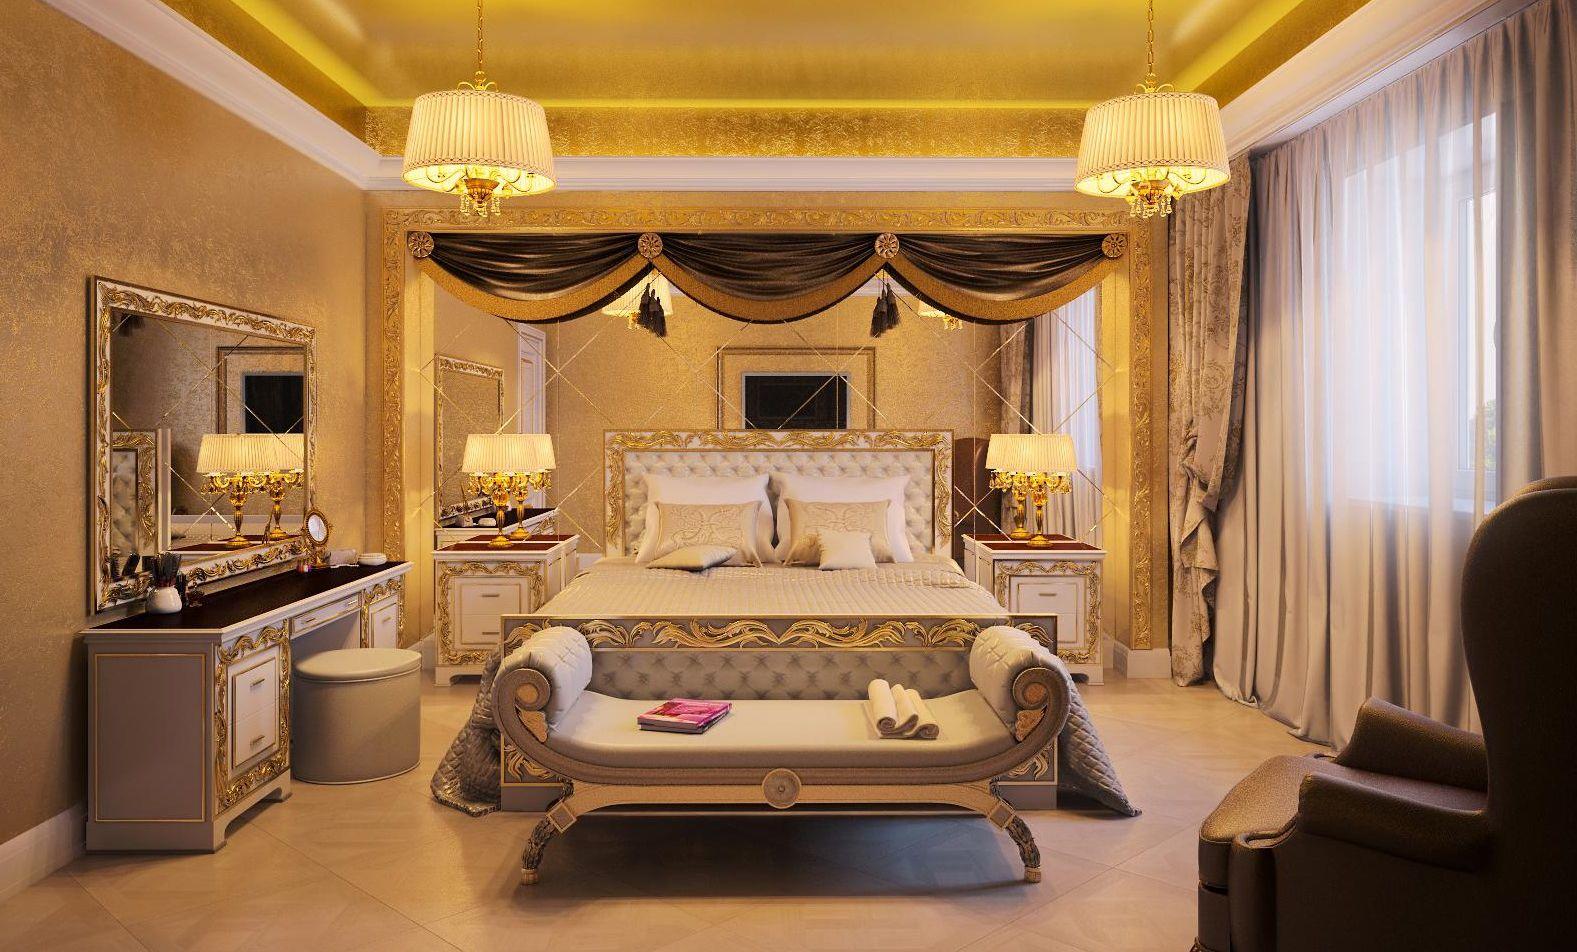 Серые шторы в стиле ренессанс в золотистую спальню